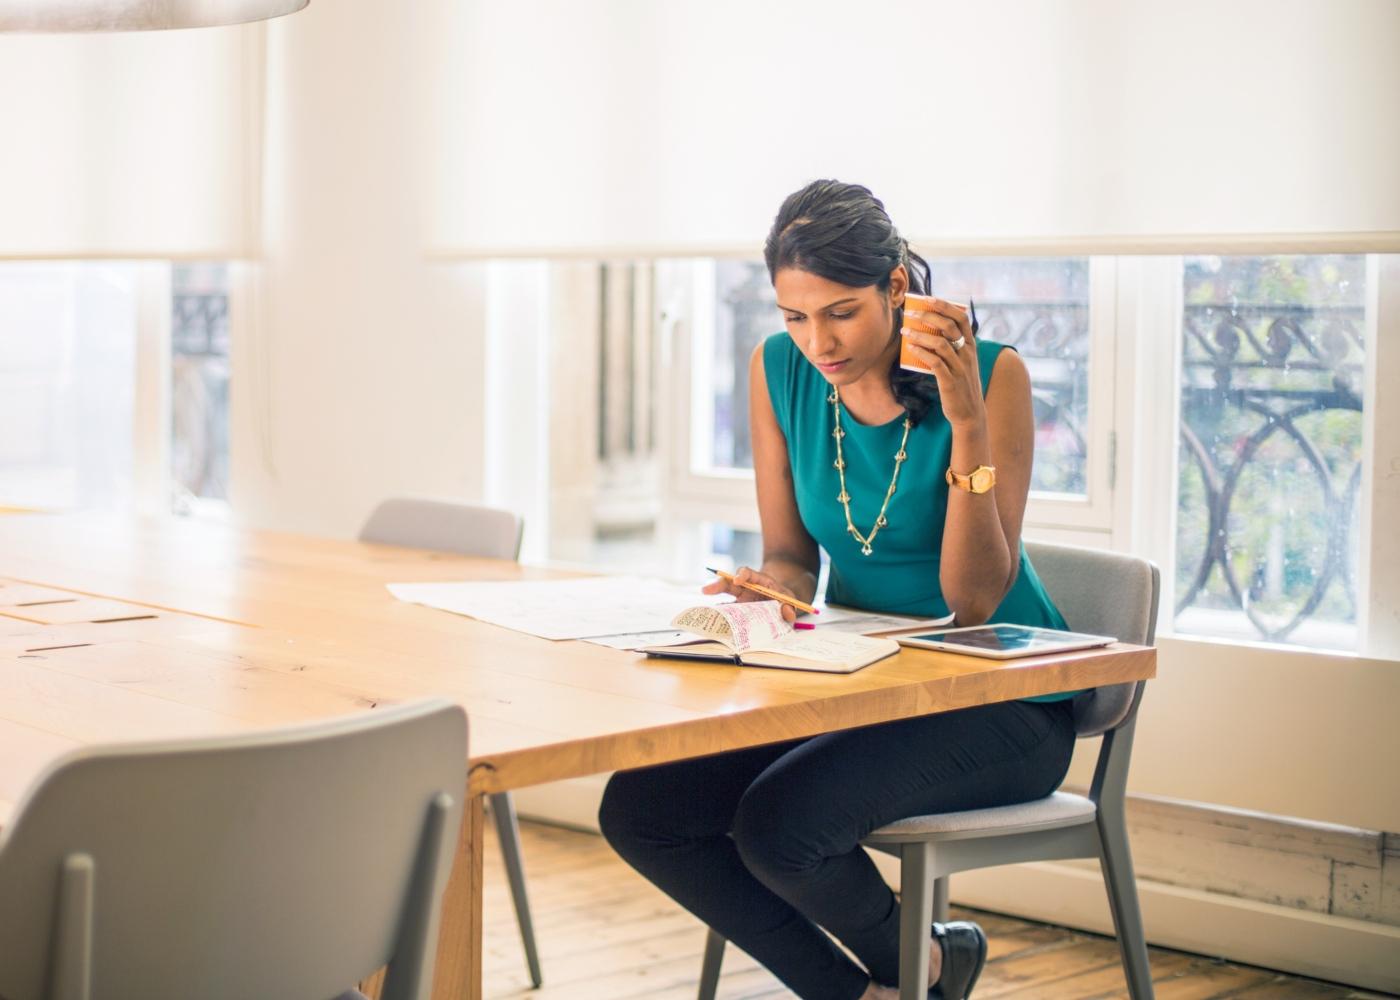 Coisas a fazer em casa para se manter ativo: organizar agenda